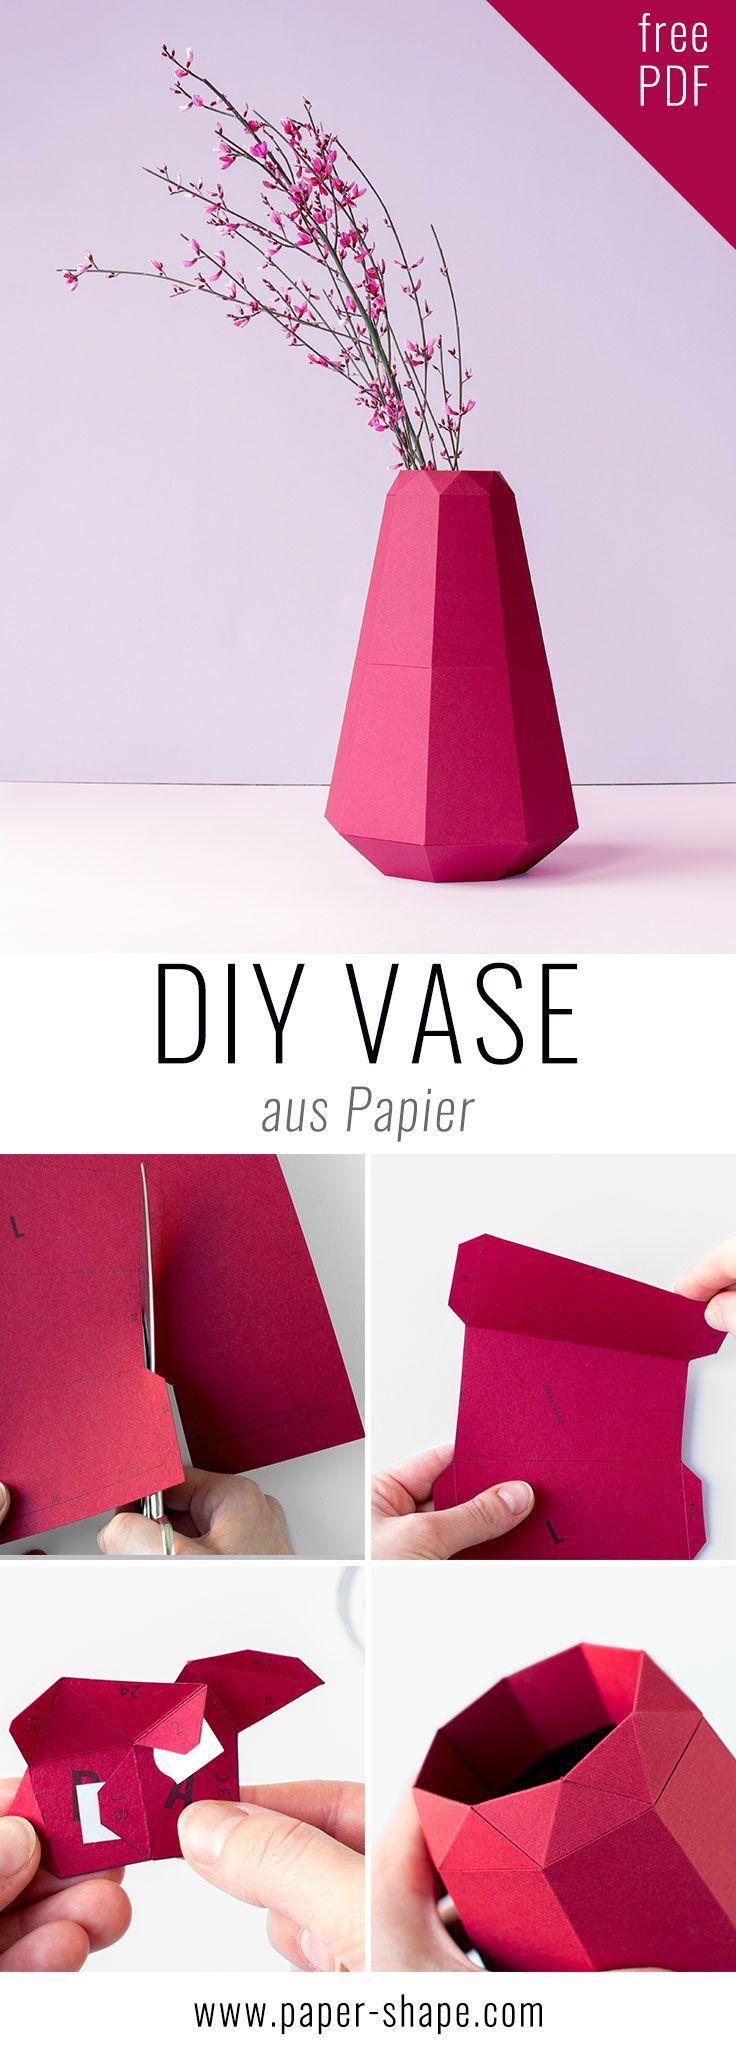 DIY Papier Vase Im Coolen Origami Design Mit Kostenloser Vorlage. Ihr  Müsste Einfach Die